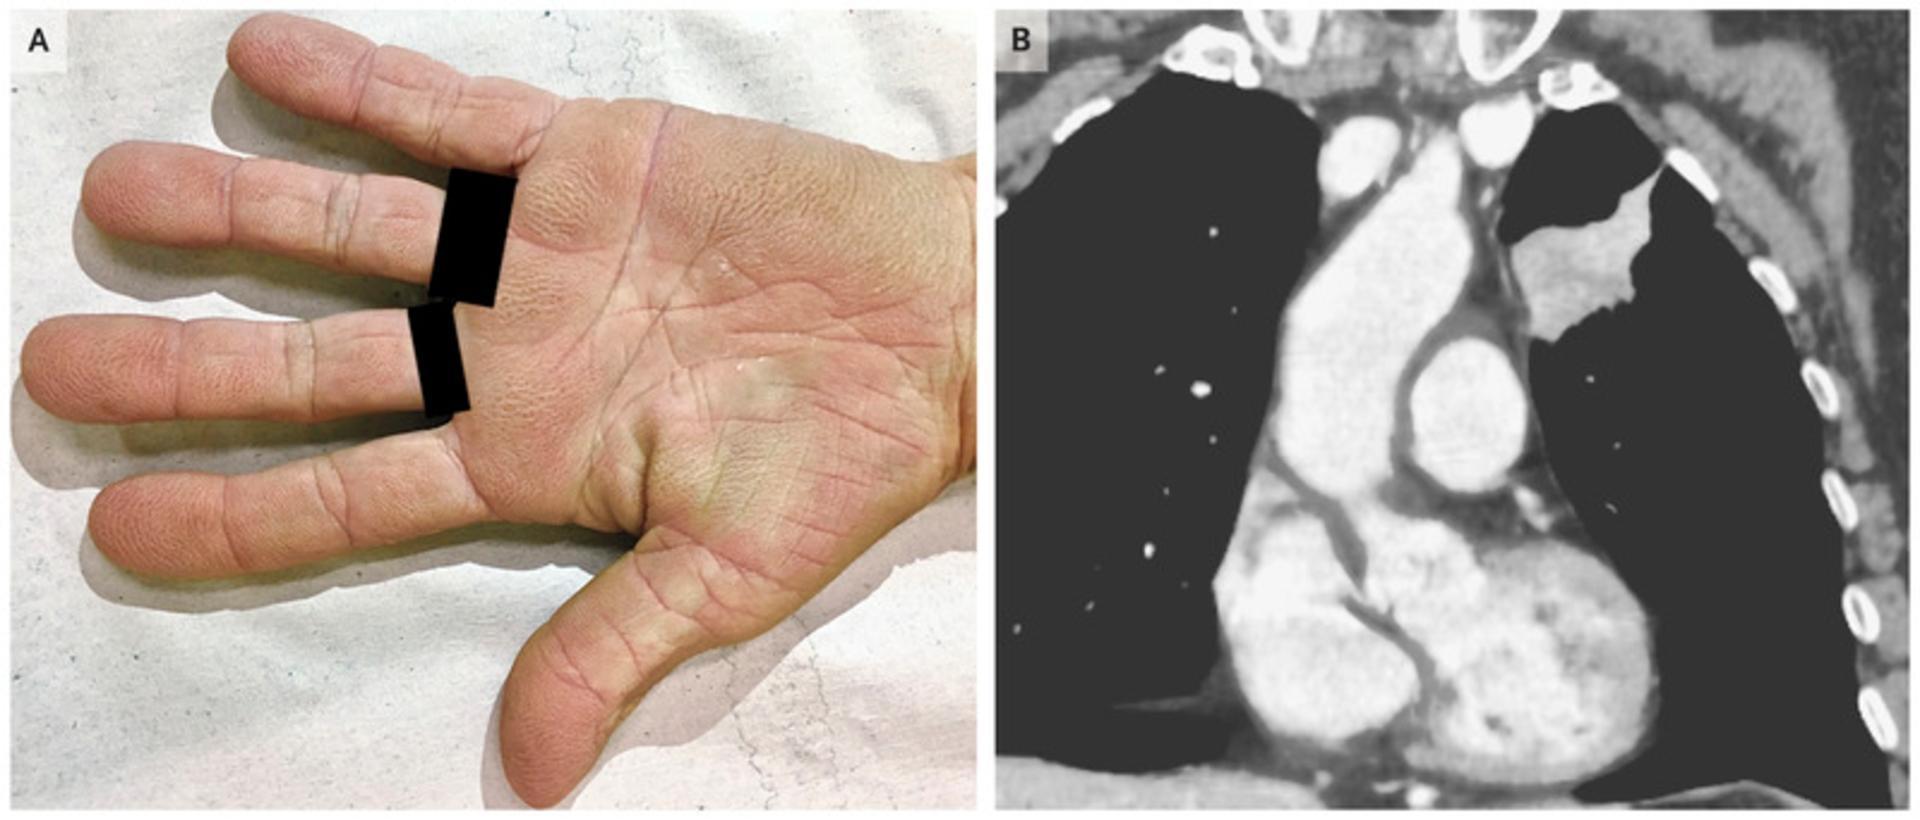 «Бархатистые руки» помогли поставить диагноз рака легкого